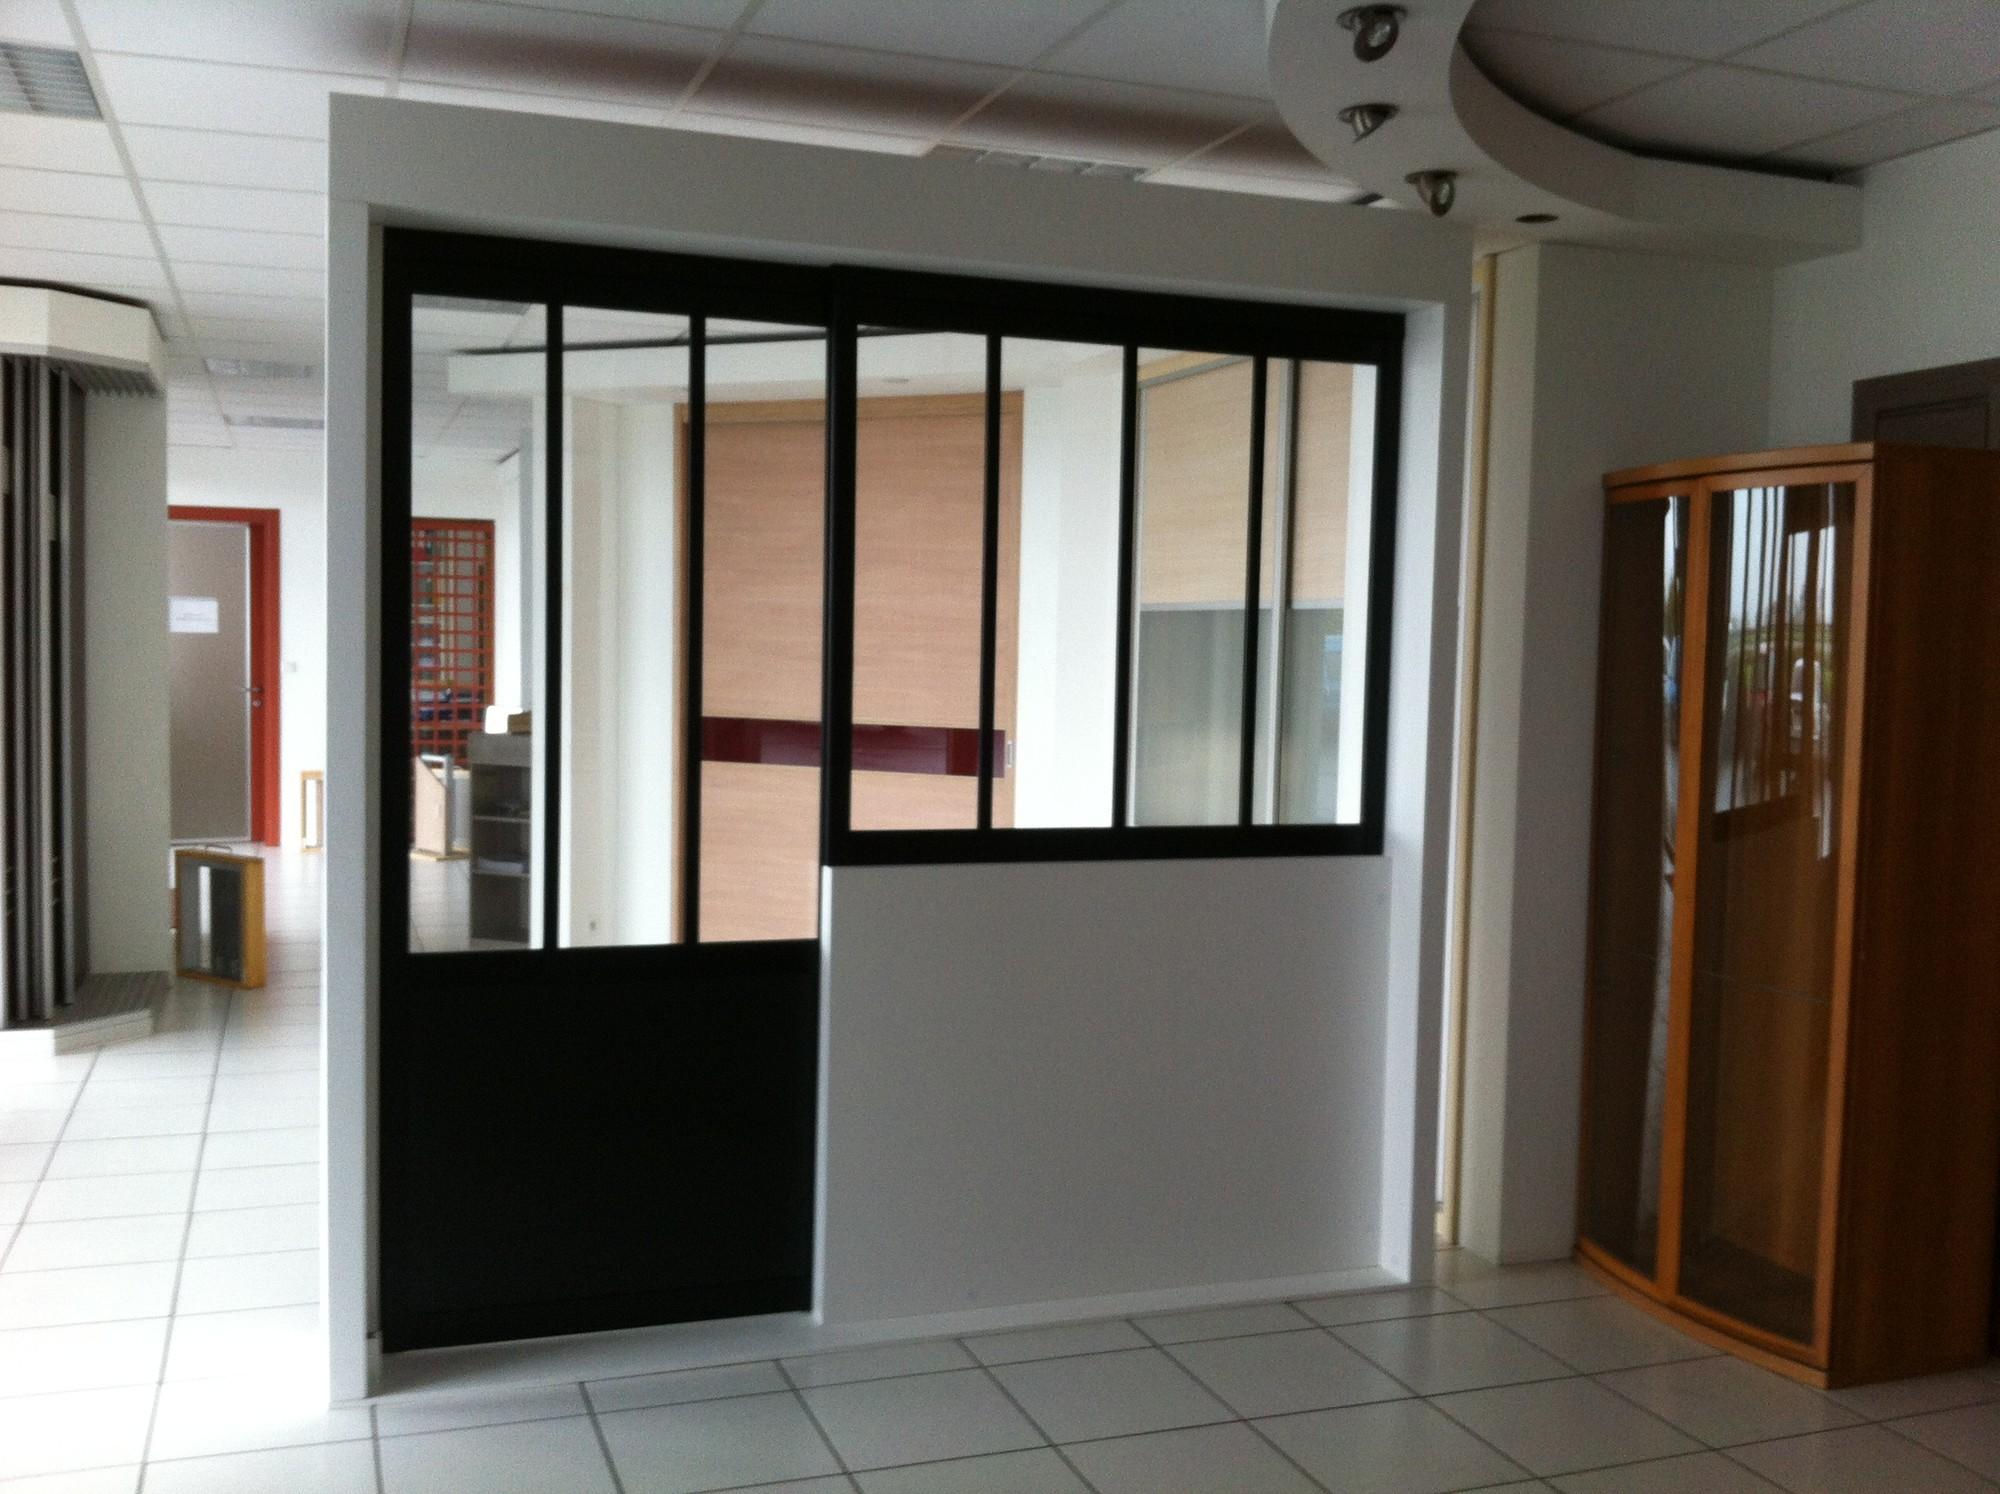 cloison de s paration vitr e nevez. Black Bedroom Furniture Sets. Home Design Ideas